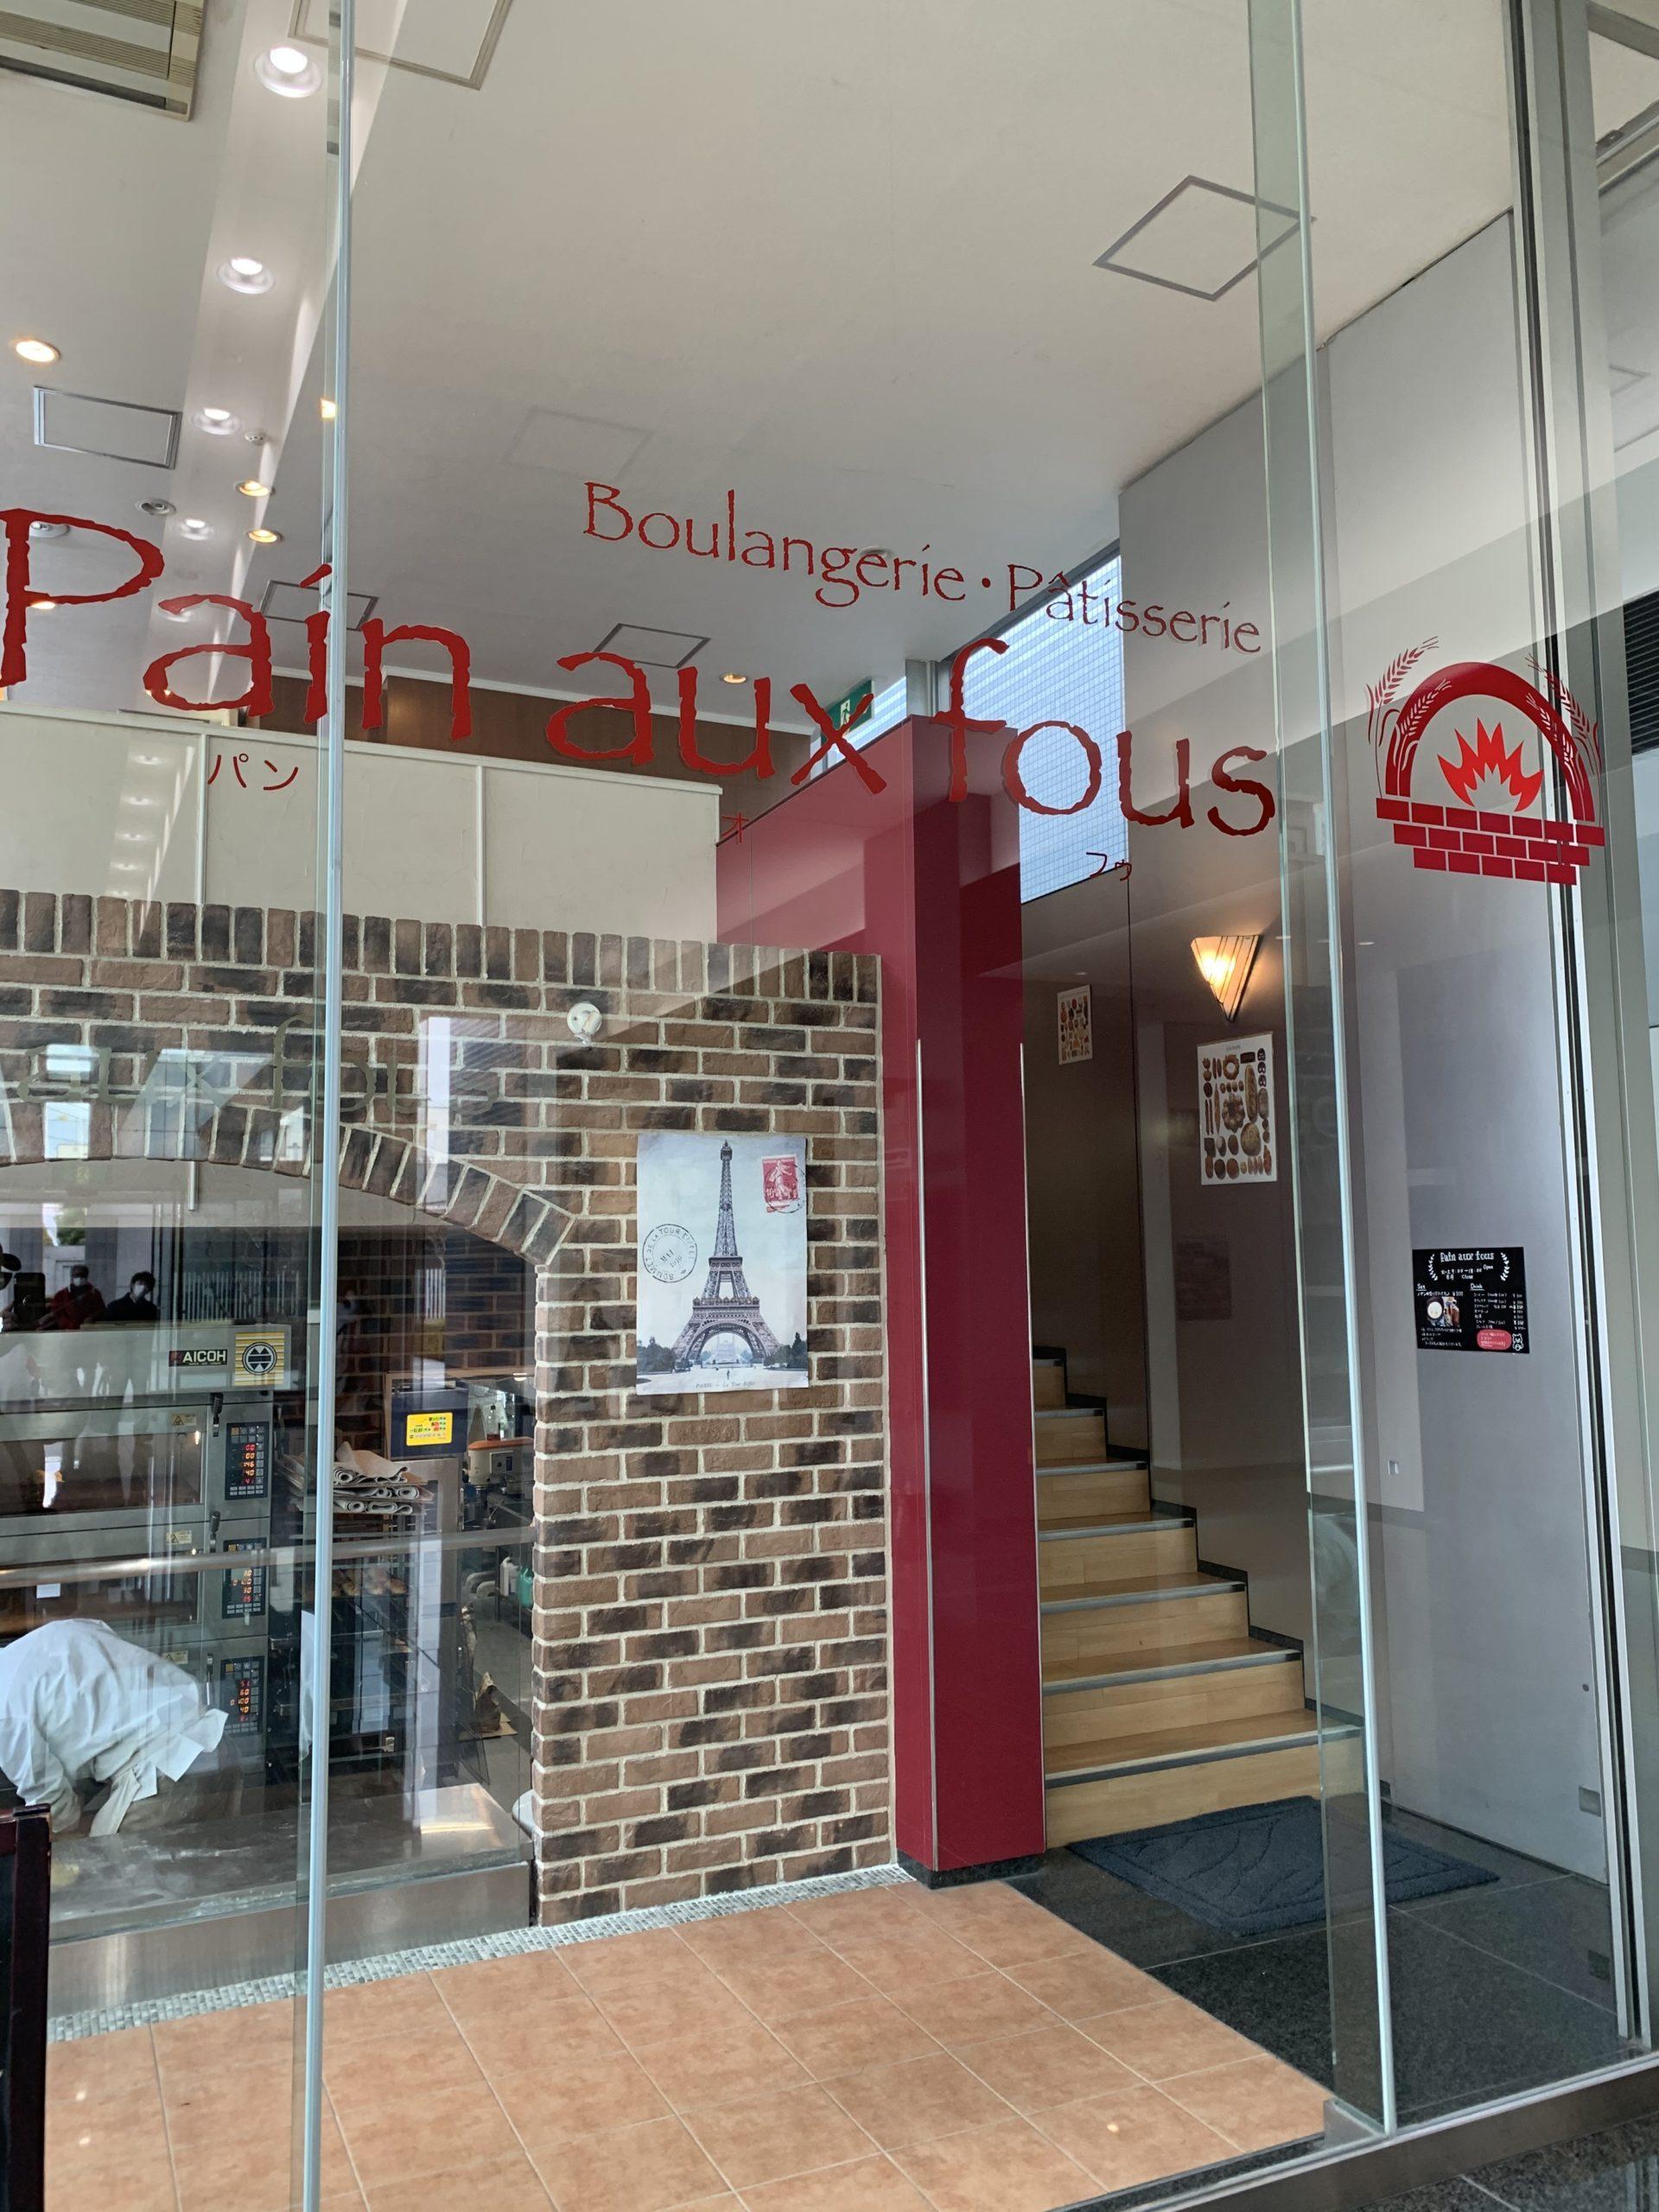 【五反田】Pain aux fous(パン オ フゥ)/ソニー通り、高輪パークタワービル1F。パンの激戦区でも屈指の味と言えるでしょう。